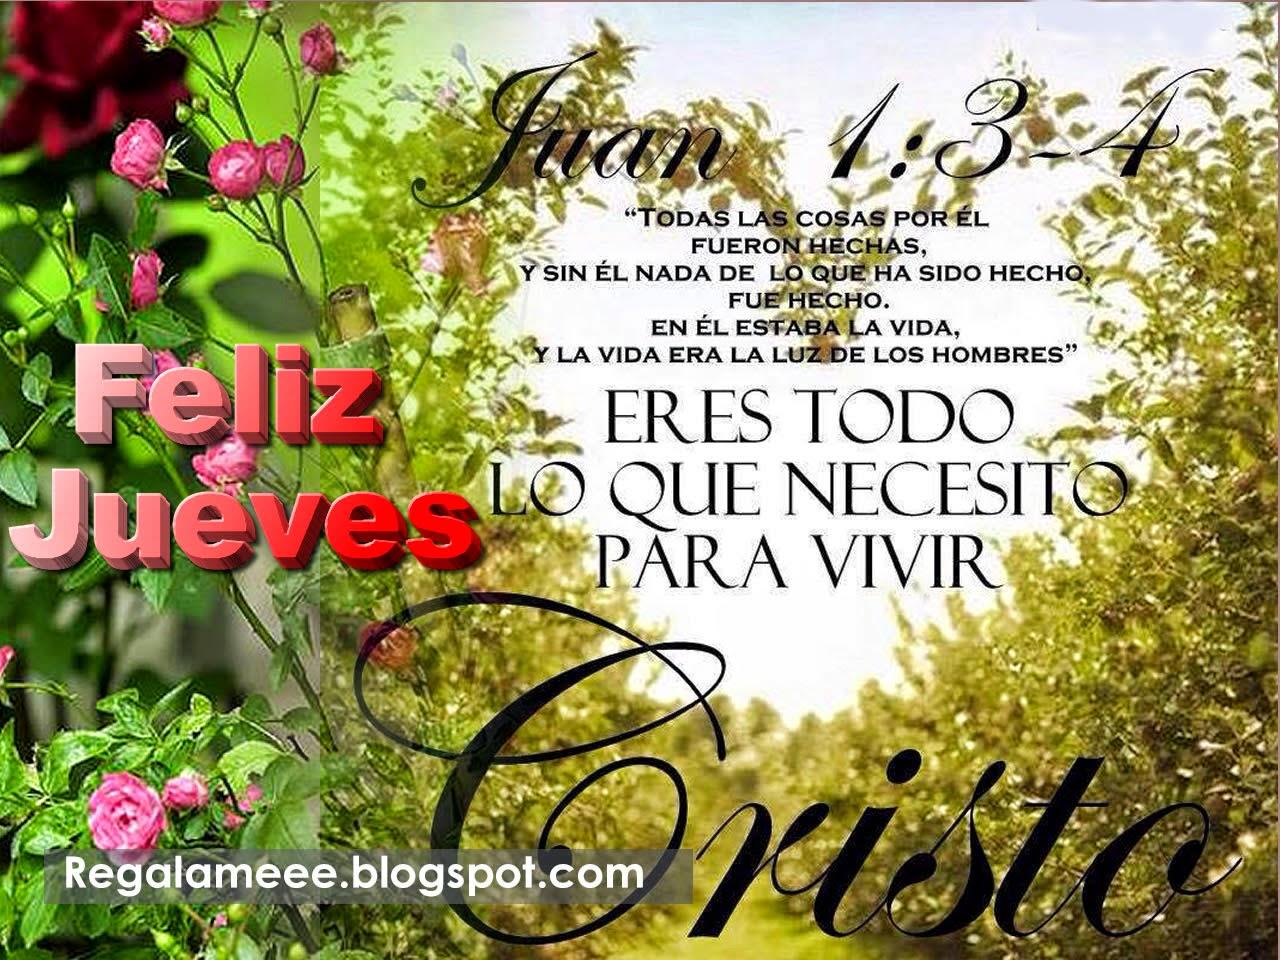 FELIZ JUEVES / TARJETAS Y POSTALES CRISTIANAS GRATIS